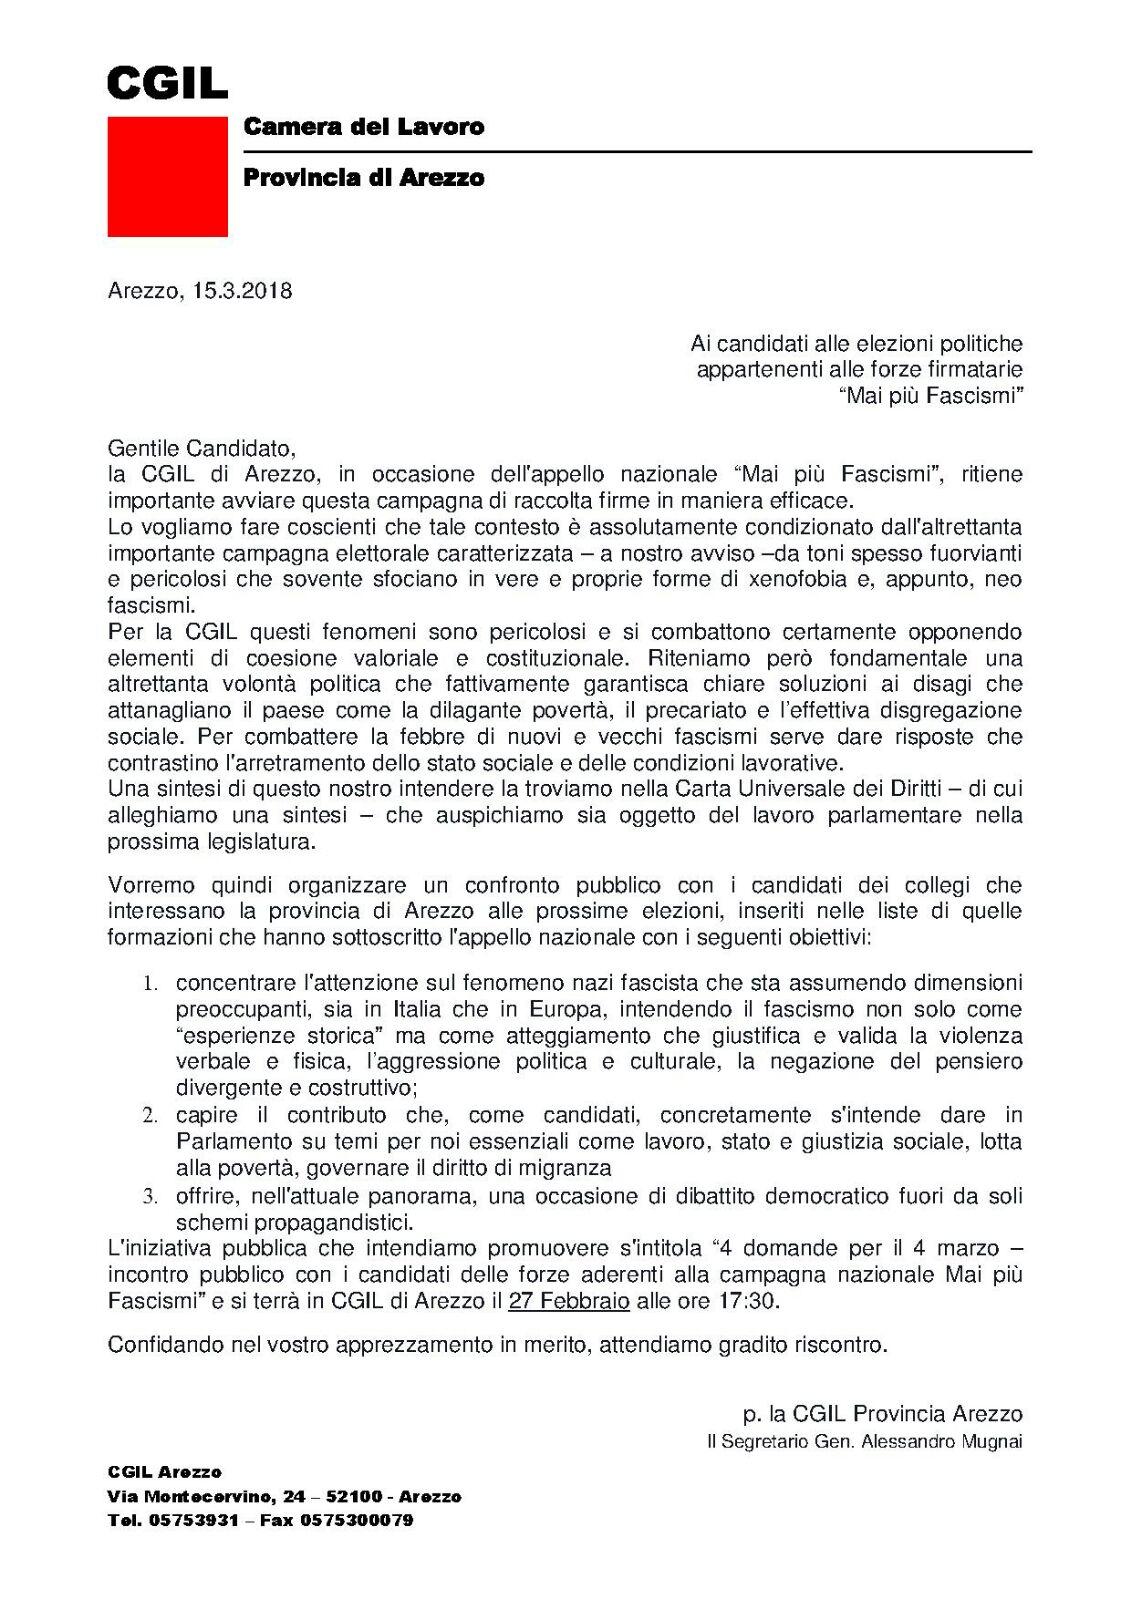 lettera di invito ad iniziativa 27 febbraio